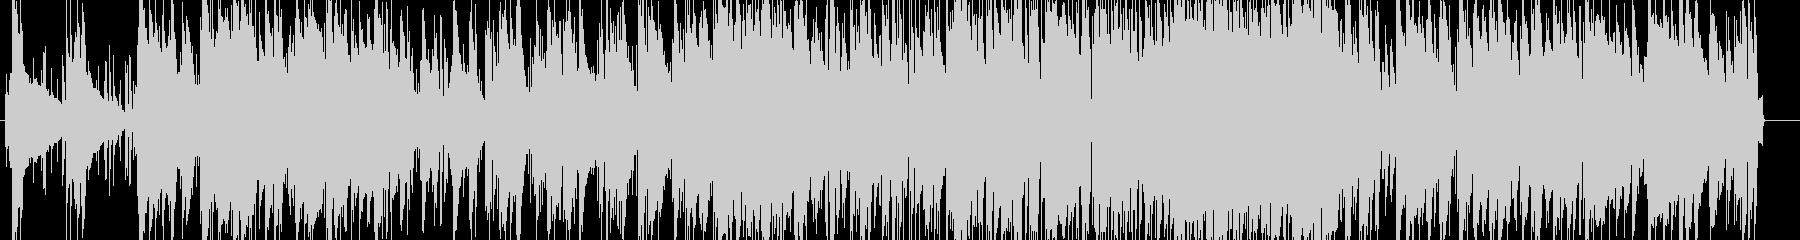 たなばたさまのジャズピアノトリオの未再生の波形